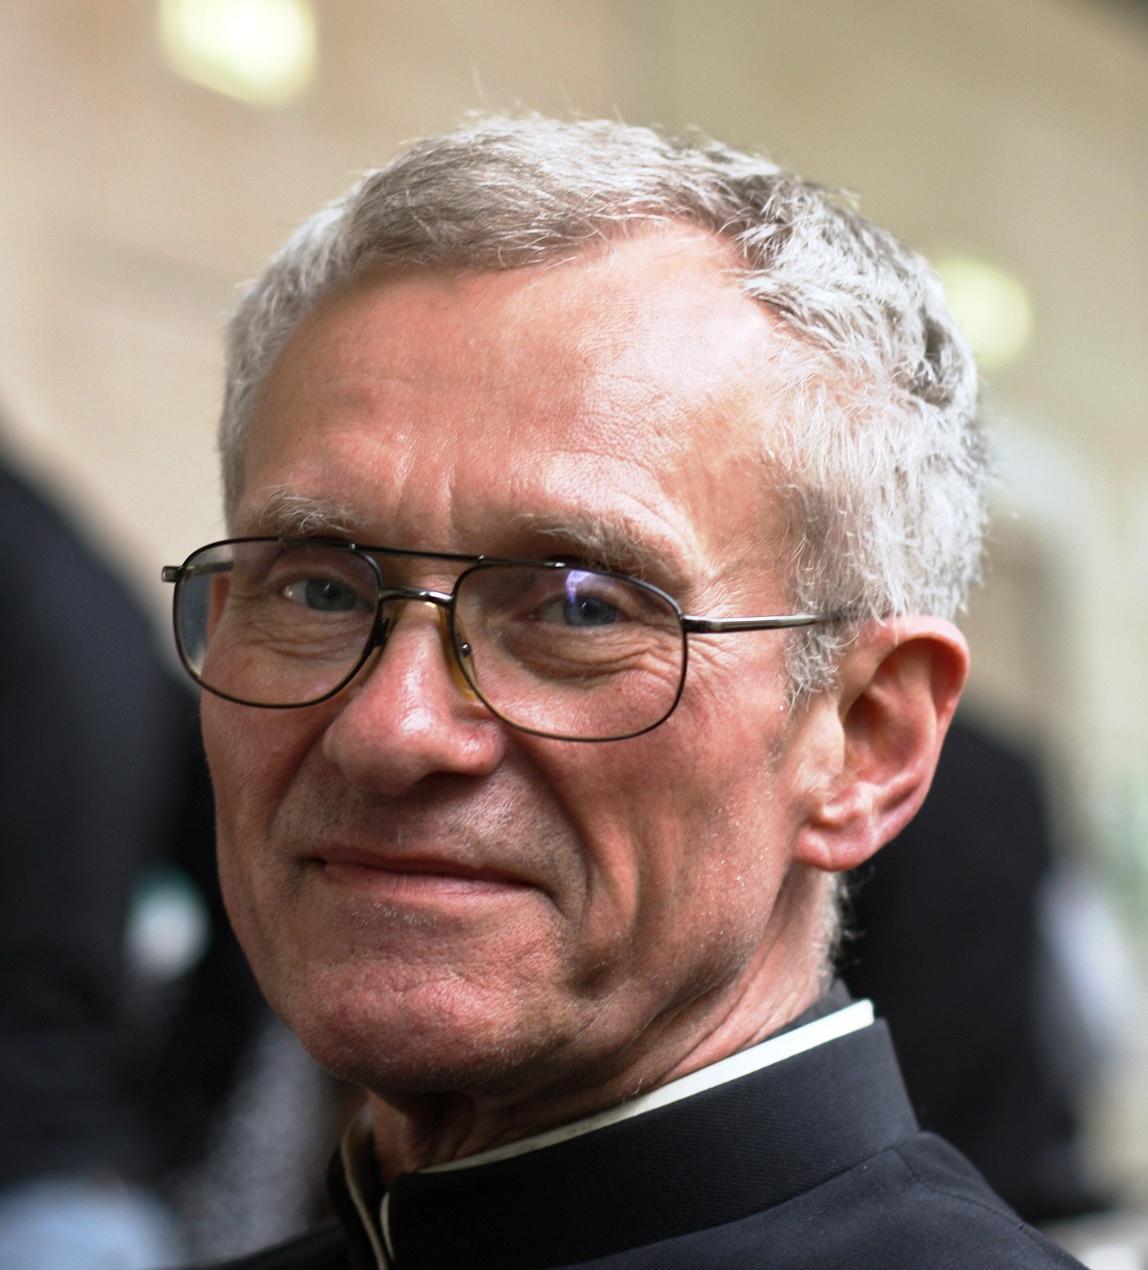 Pfarrer Meurer